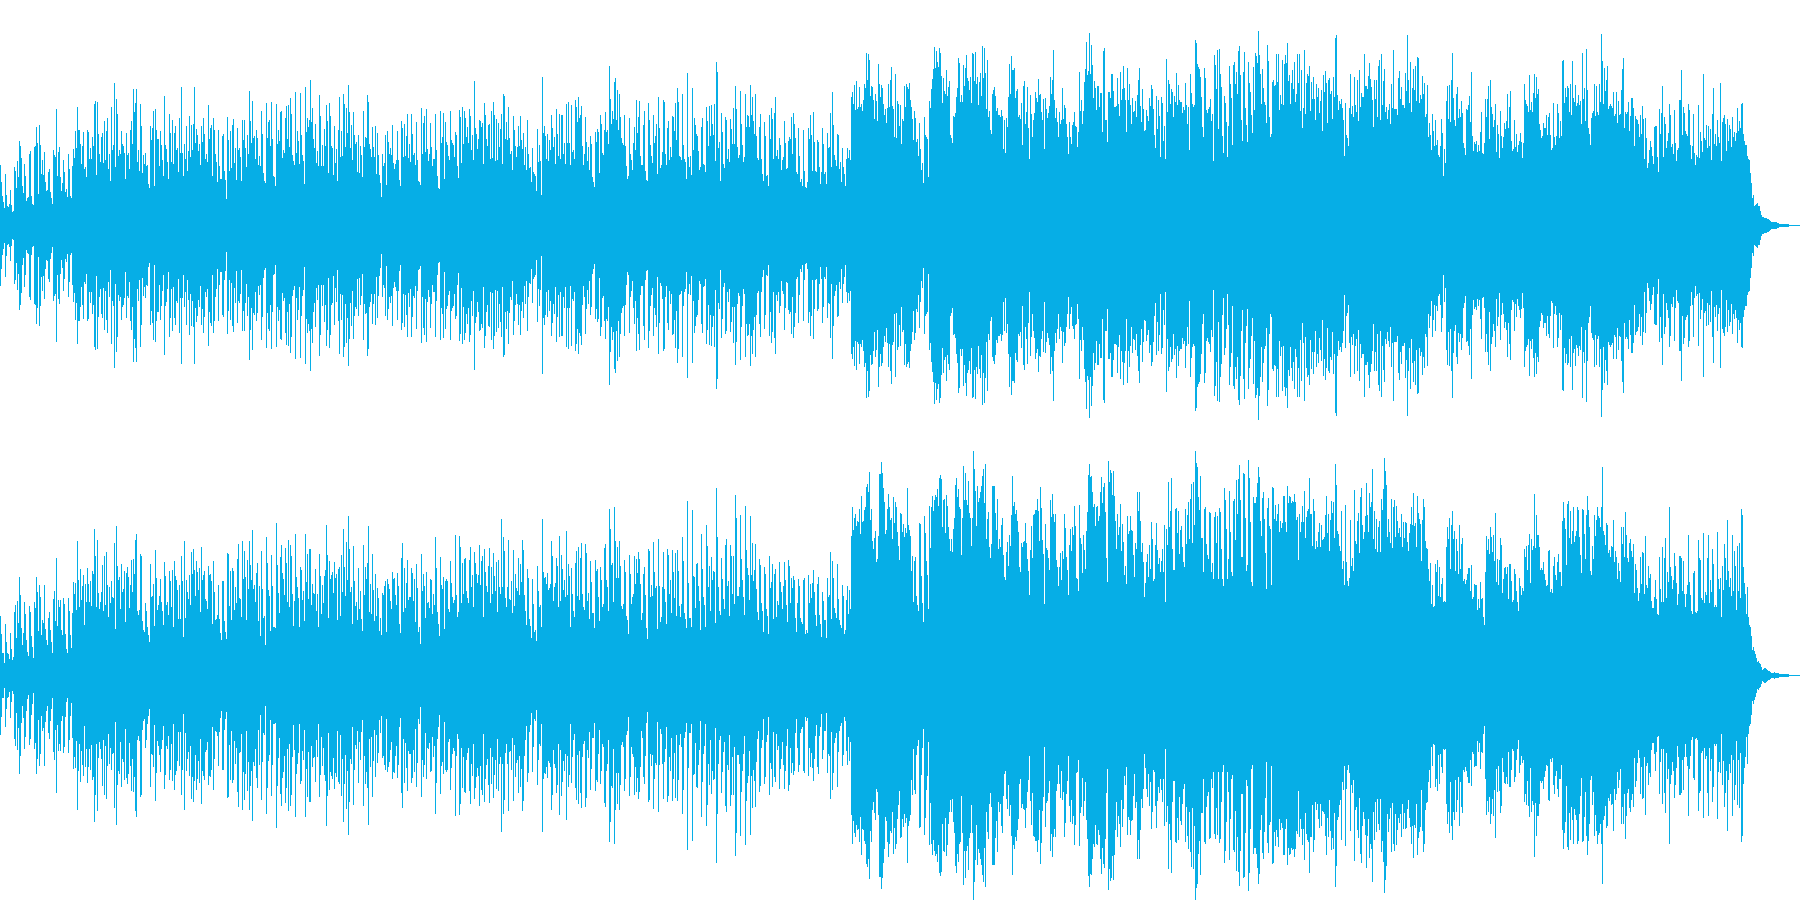 宇宙の膨張説をイメージしたシンセサイザの再生済みの波形